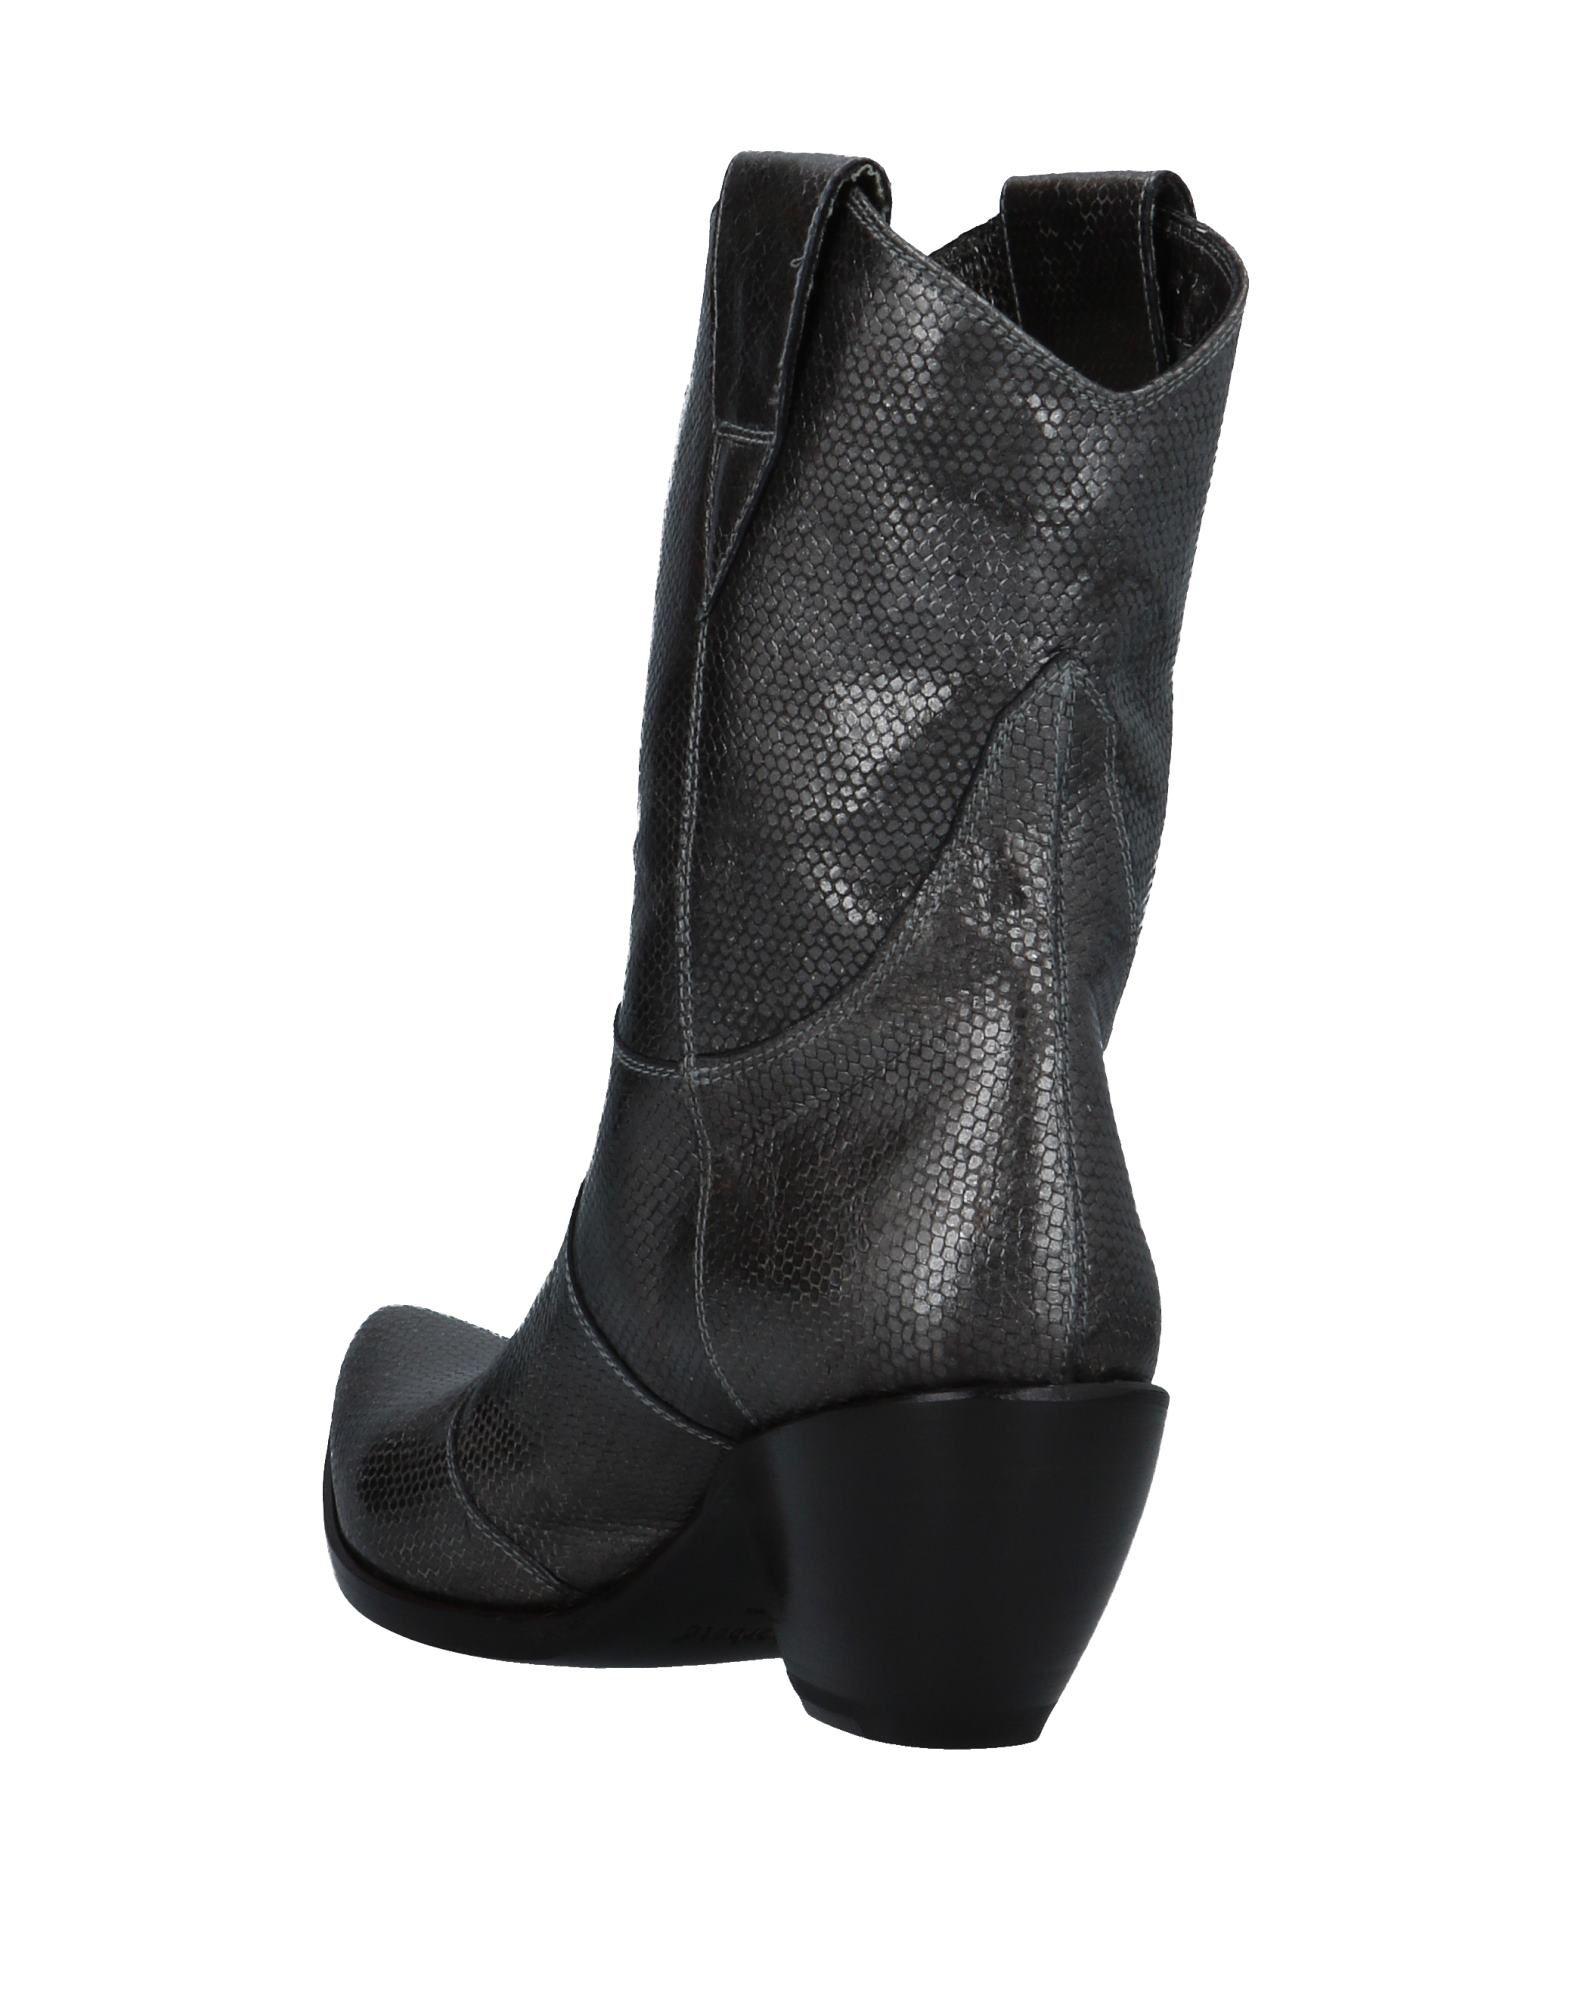 Gianni Barbato Stiefelette Damen  11537775WJGünstige gut aussehende Schuhe